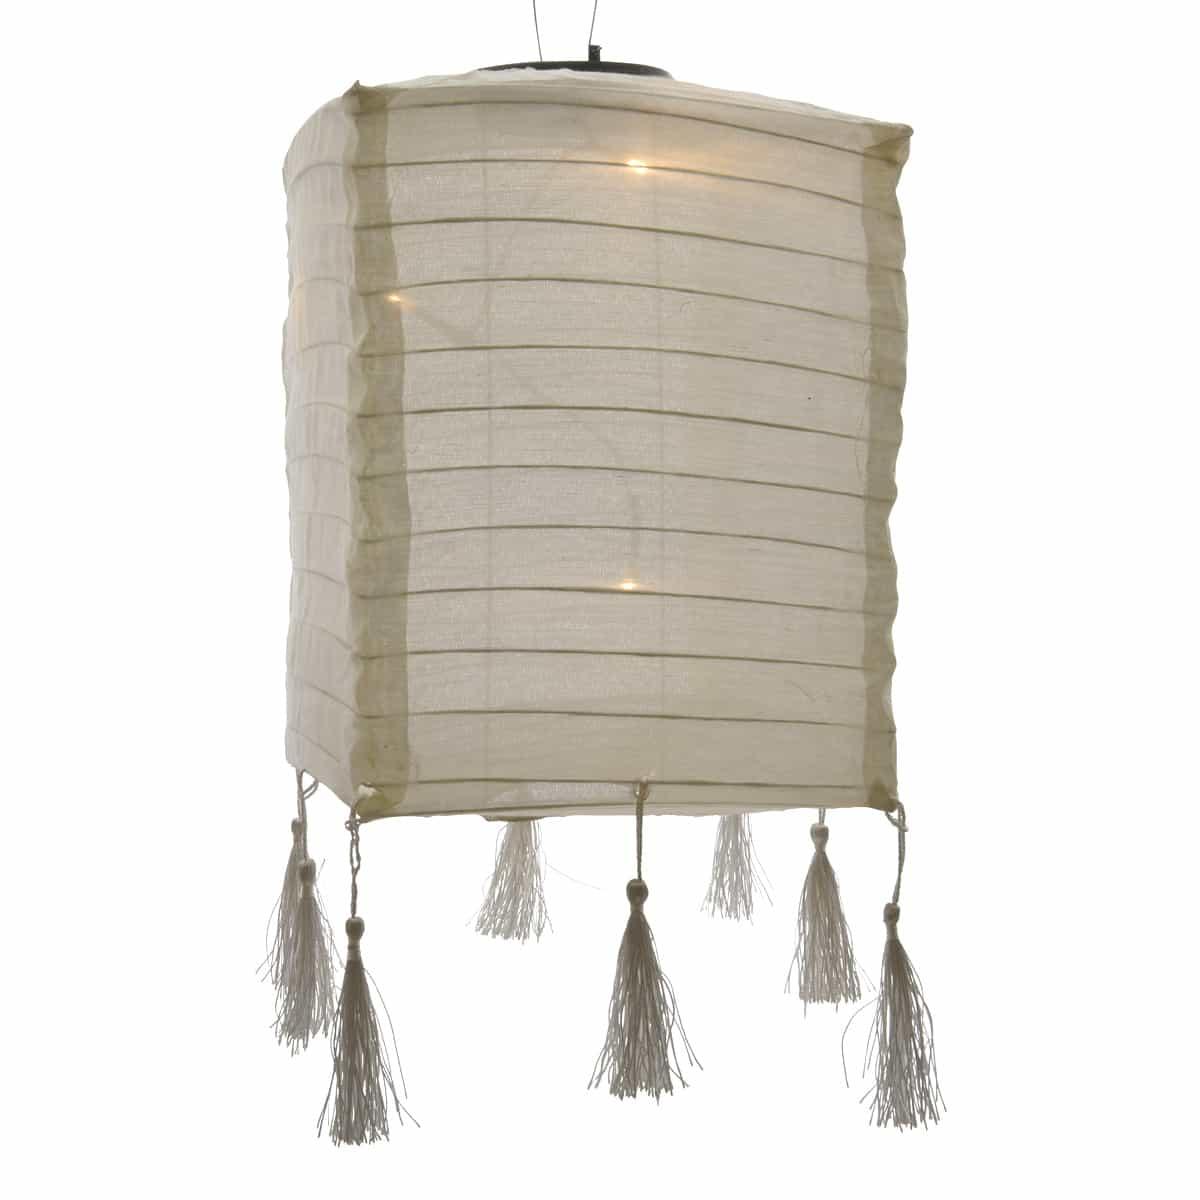 lampion carr solaire led eclairage et lumi re d 39 ext rieur. Black Bedroom Furniture Sets. Home Design Ideas